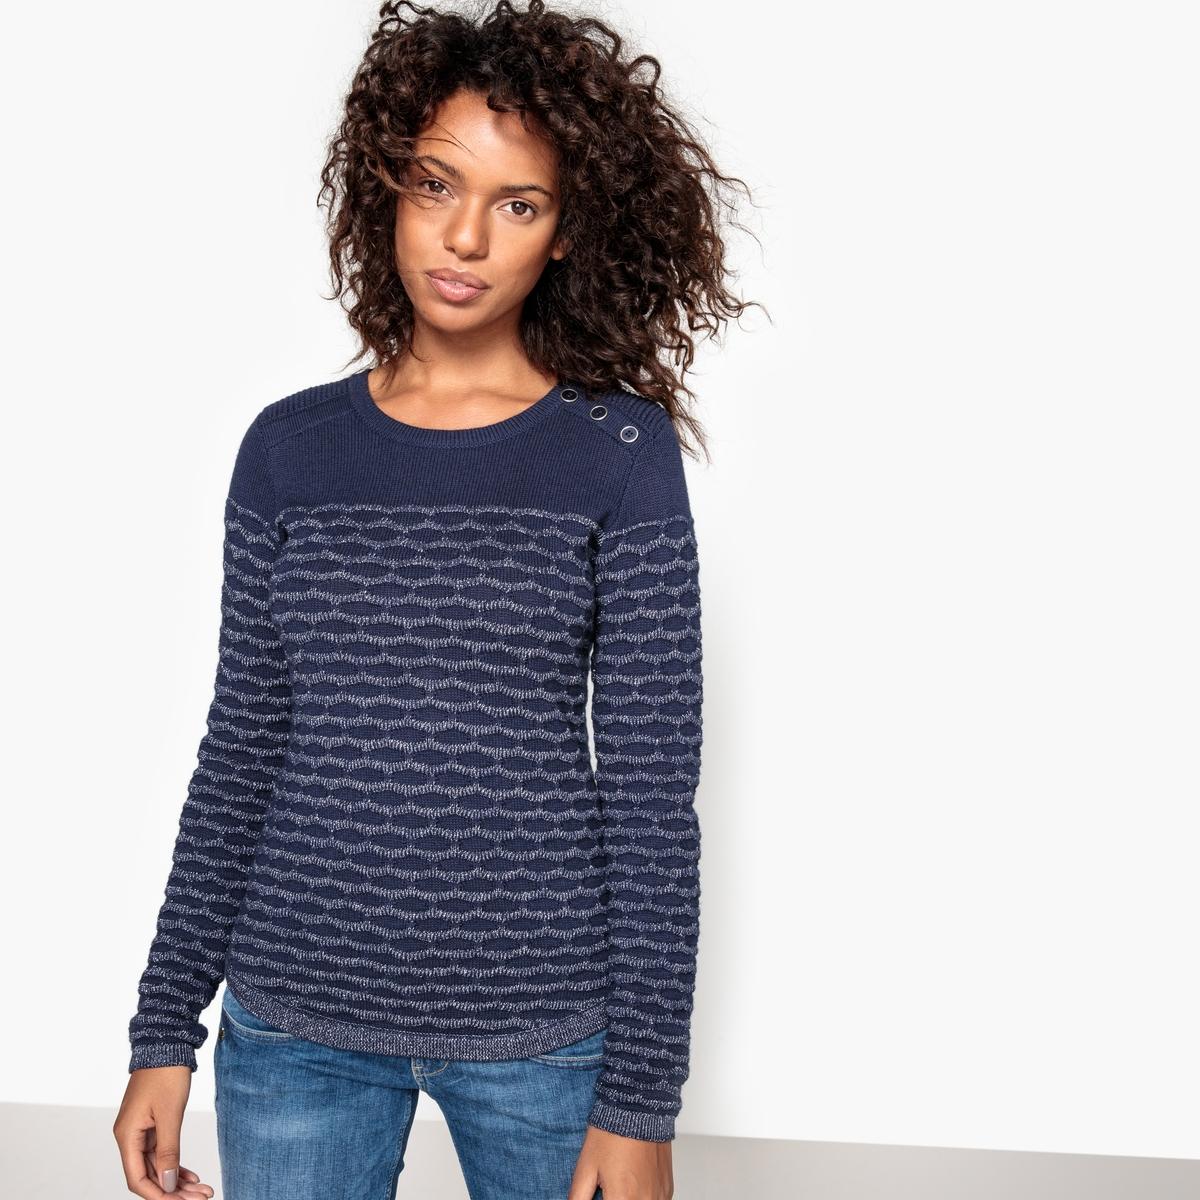 Пуловер с круглым вырезом из тонкого трикотажаДетали •  Длинные рукава •  Круглый вырез •  Тонкий трикотаж Состав и уход •  20% шерсти, 80% хлопка •  Следуйте советам по уходу, указанным на этикетке<br><br>Цвет: темно-синий<br>Размер: L